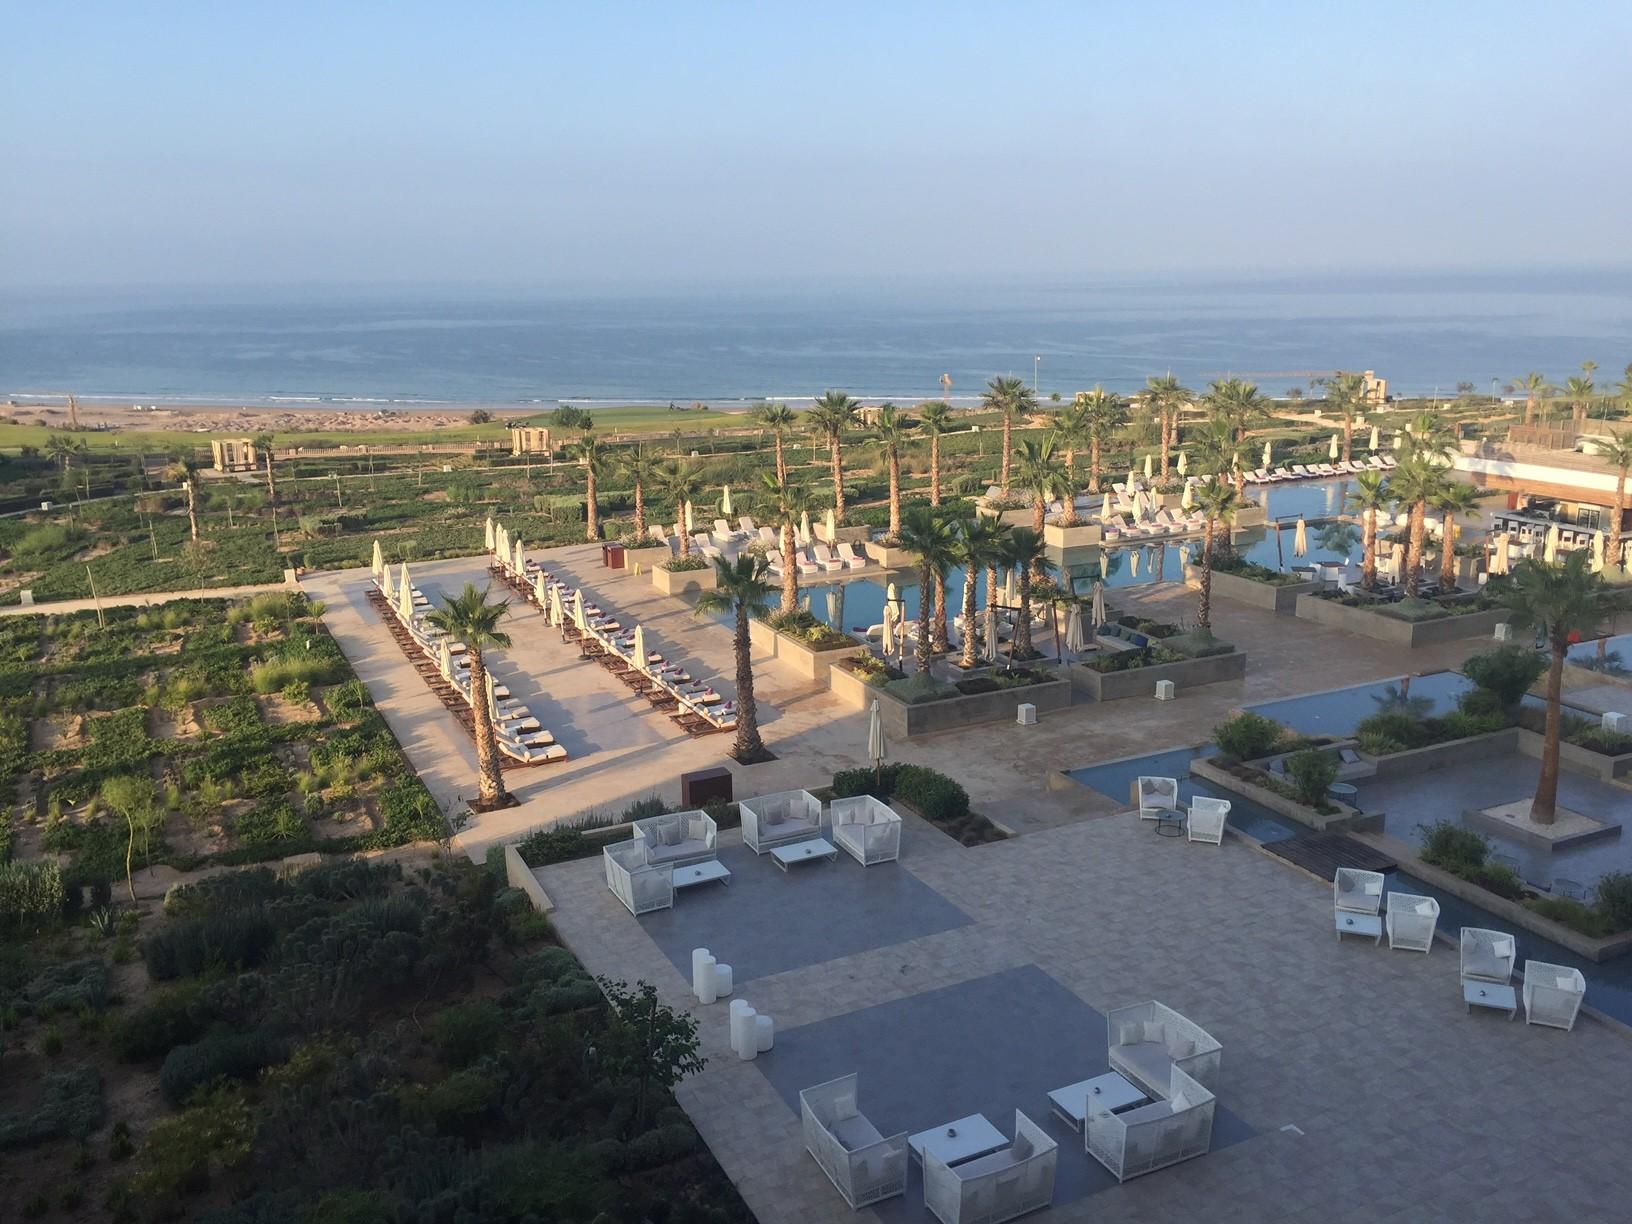 Thagazout Bay Hyatt uitzicht vanaf het balkon genieten in Marokko reisblog Foodinista